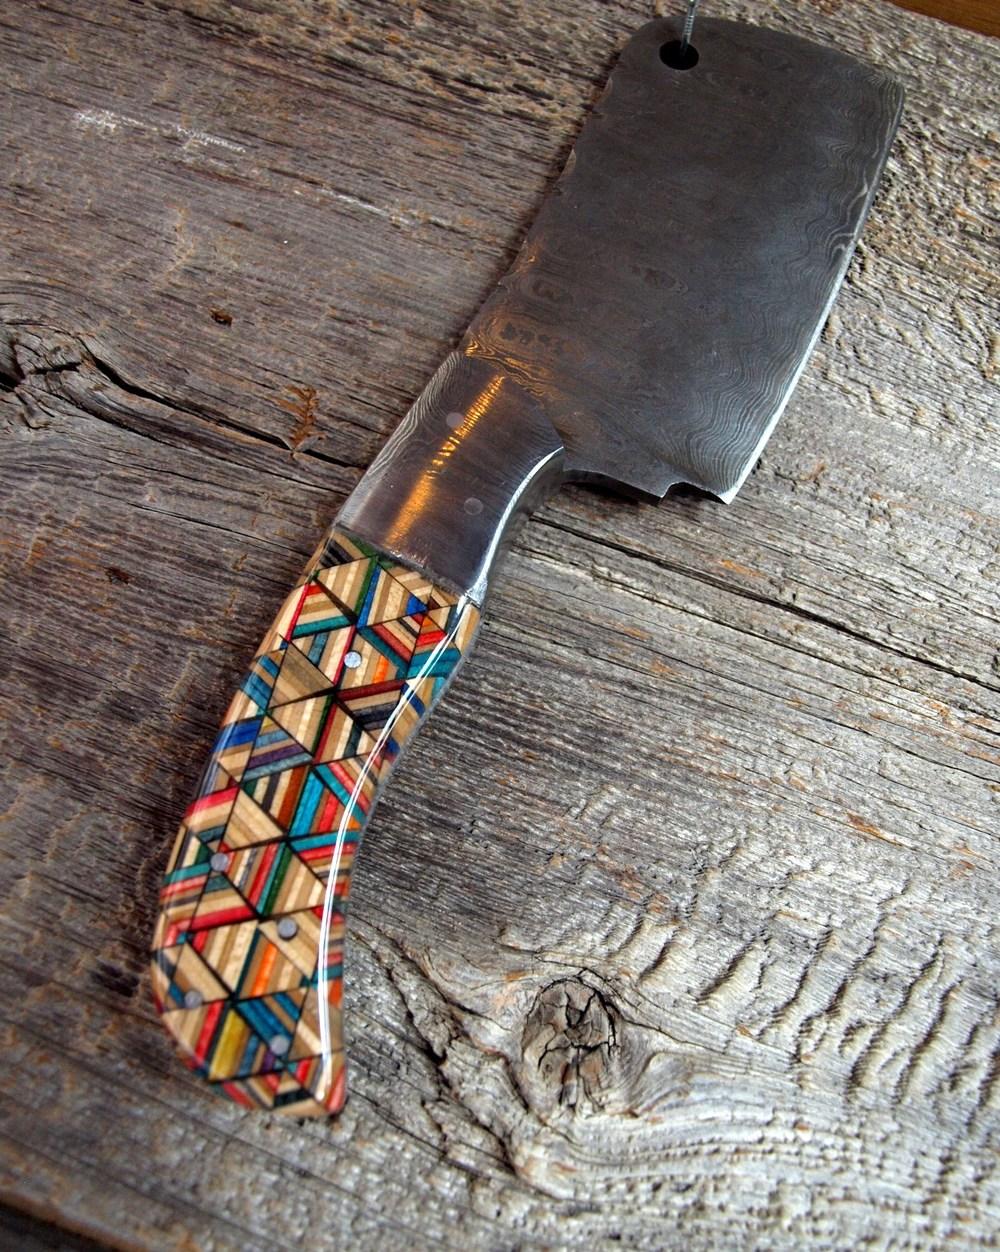 2nd-shot-john-gibson-skate-art-knife-04